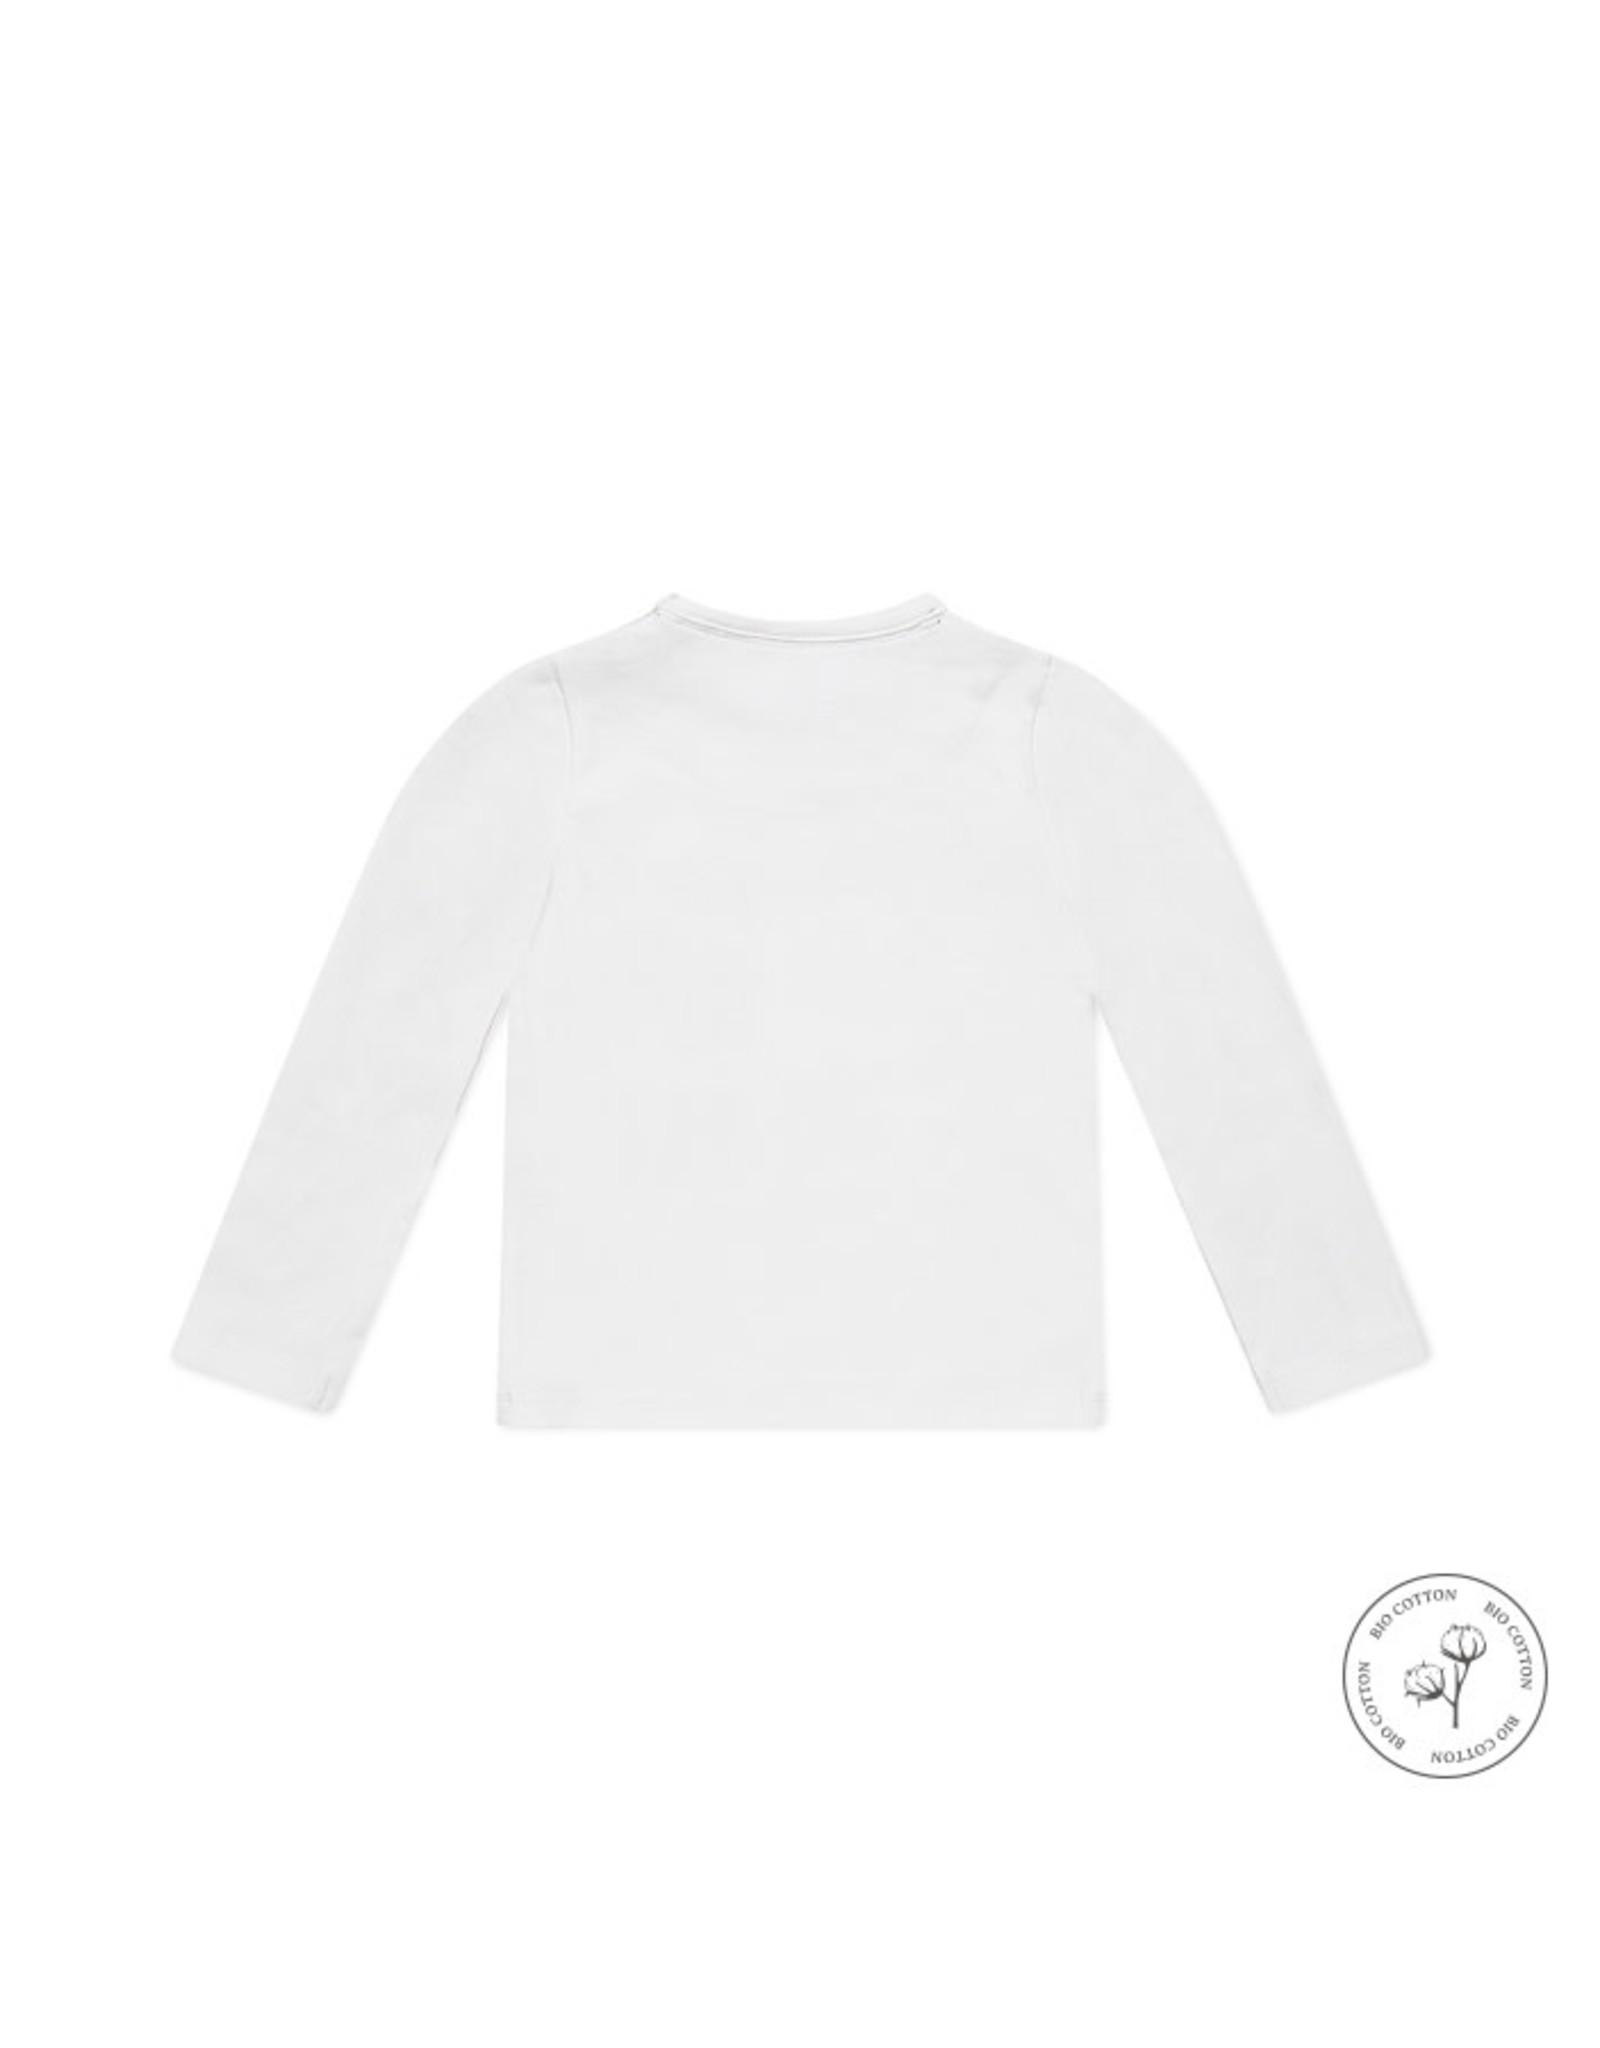 Koko Noko Koko Noko jongens Bio Cotton shirt Nate White